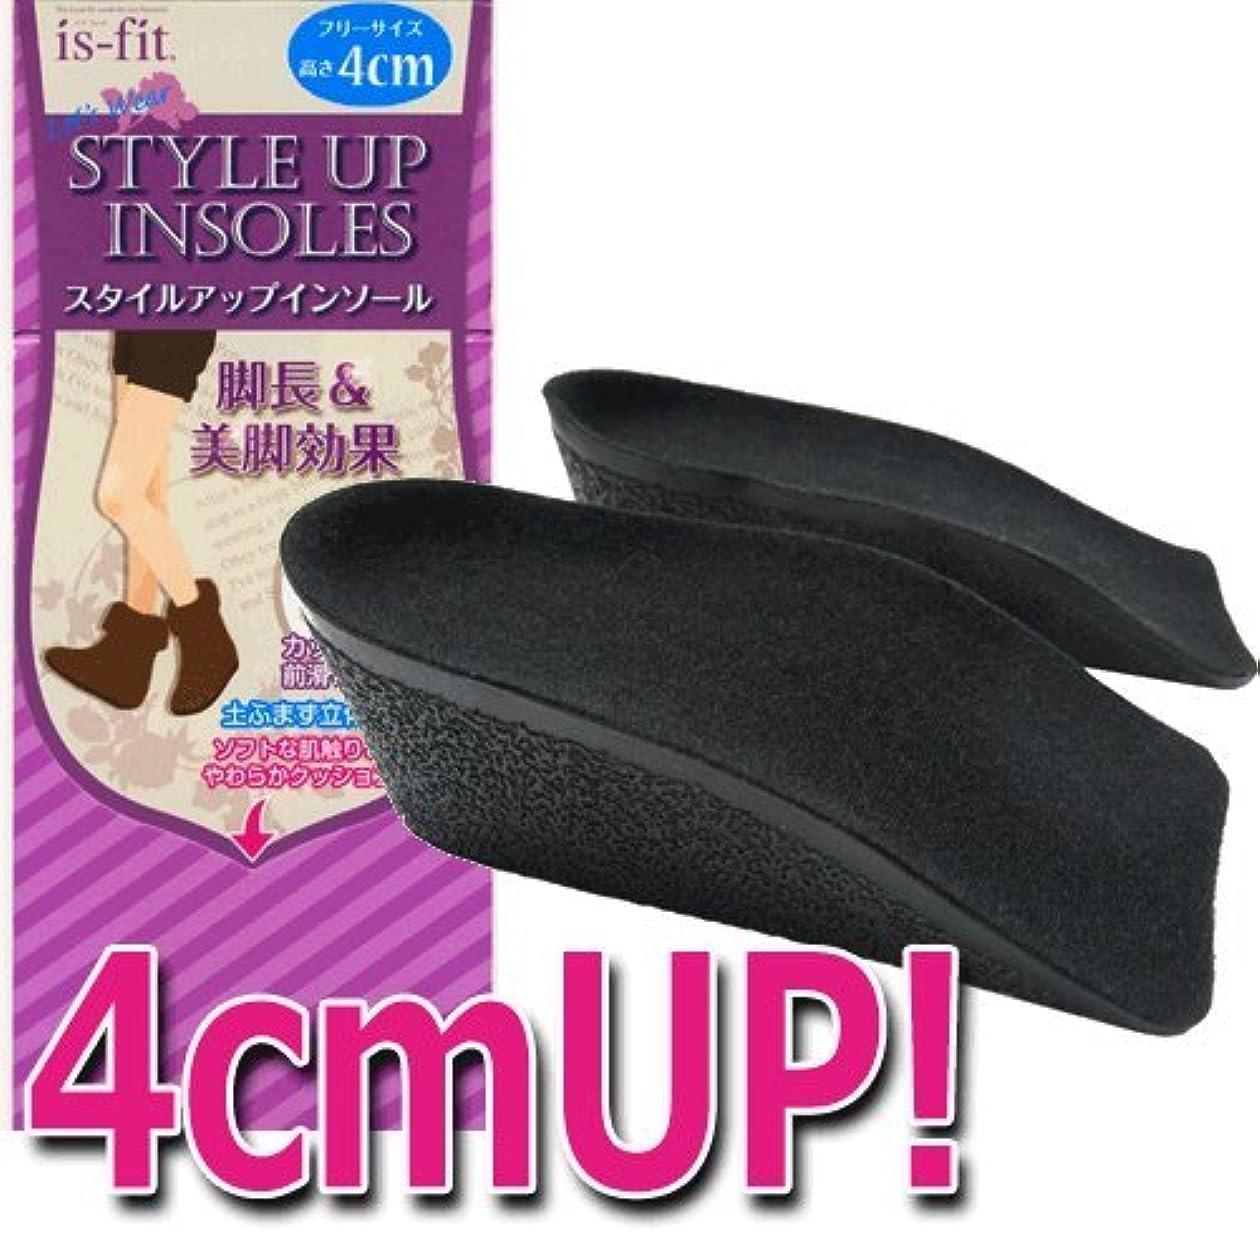 戻るムスタチオ実験的モリト is-fit(イズフィット) スタイルアップインソール 4cm 女性用 フリーサイズ ブラック